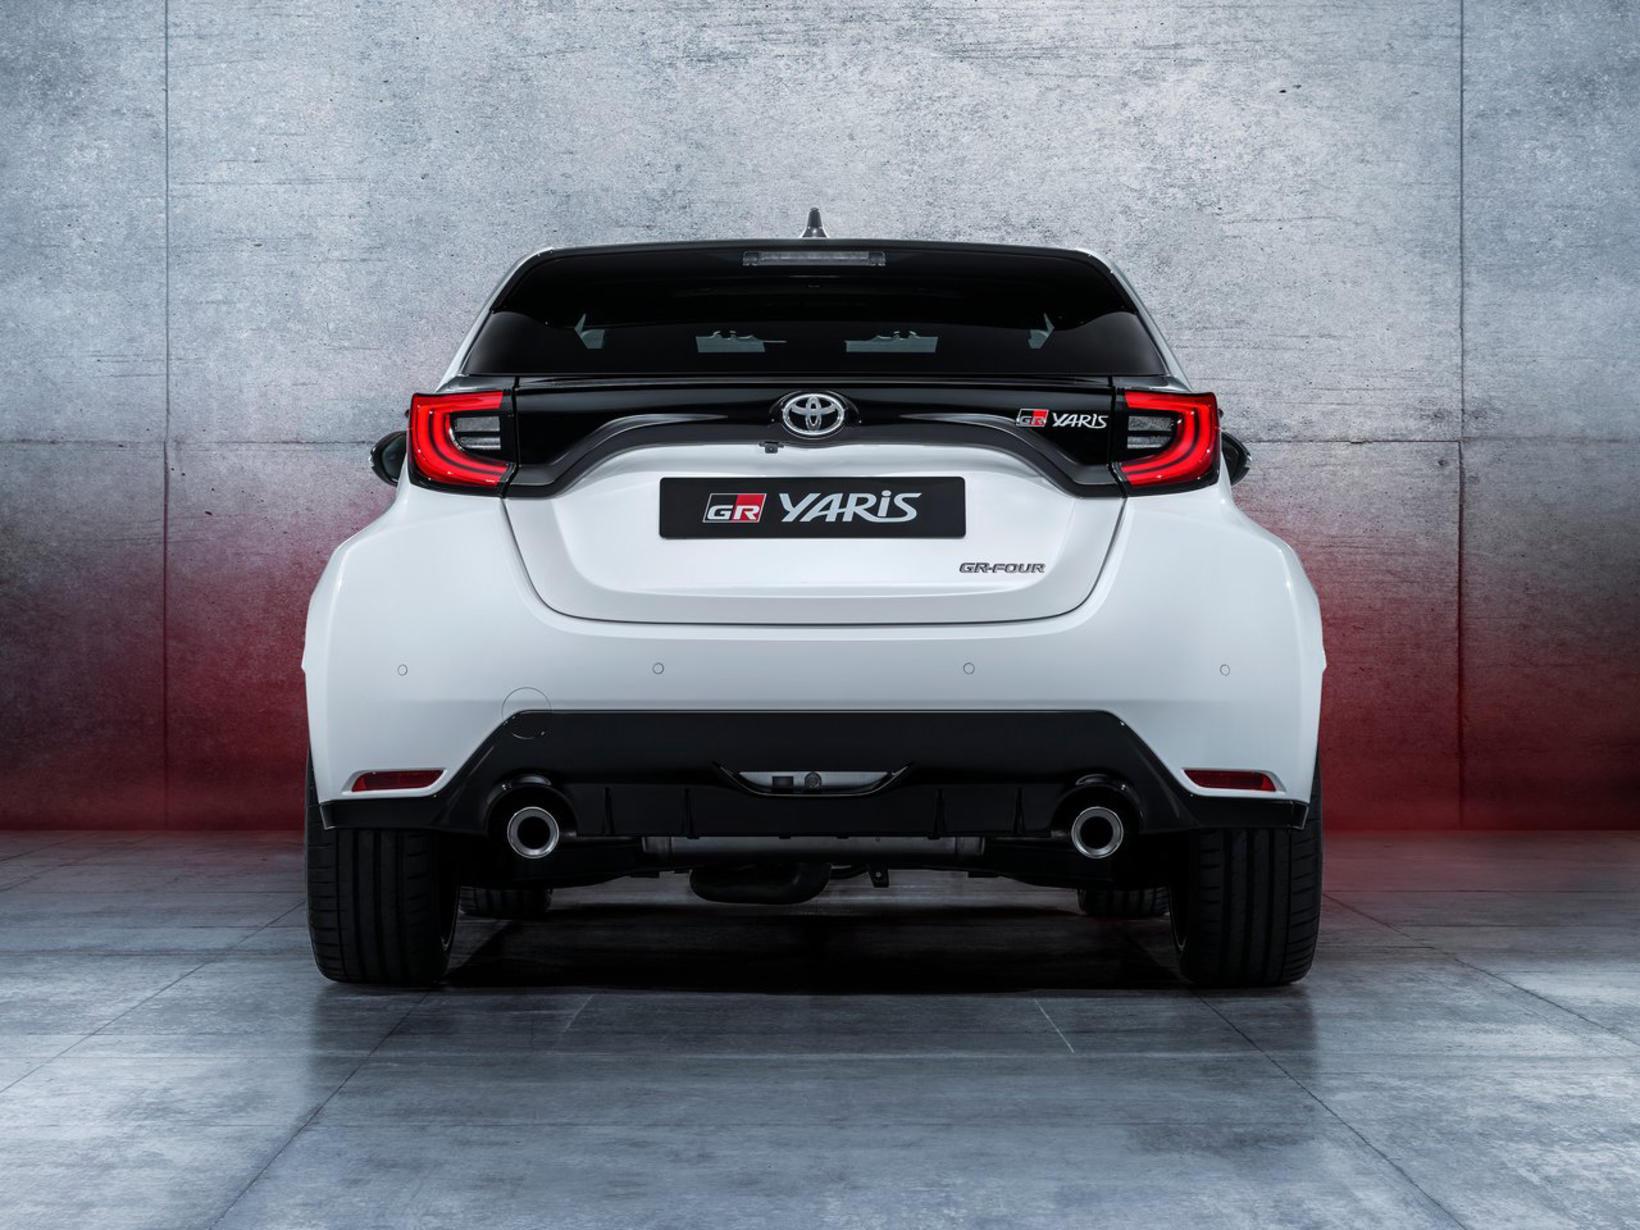 Hinn nýi og öflugi smábíll, Toyota Yaris GR.